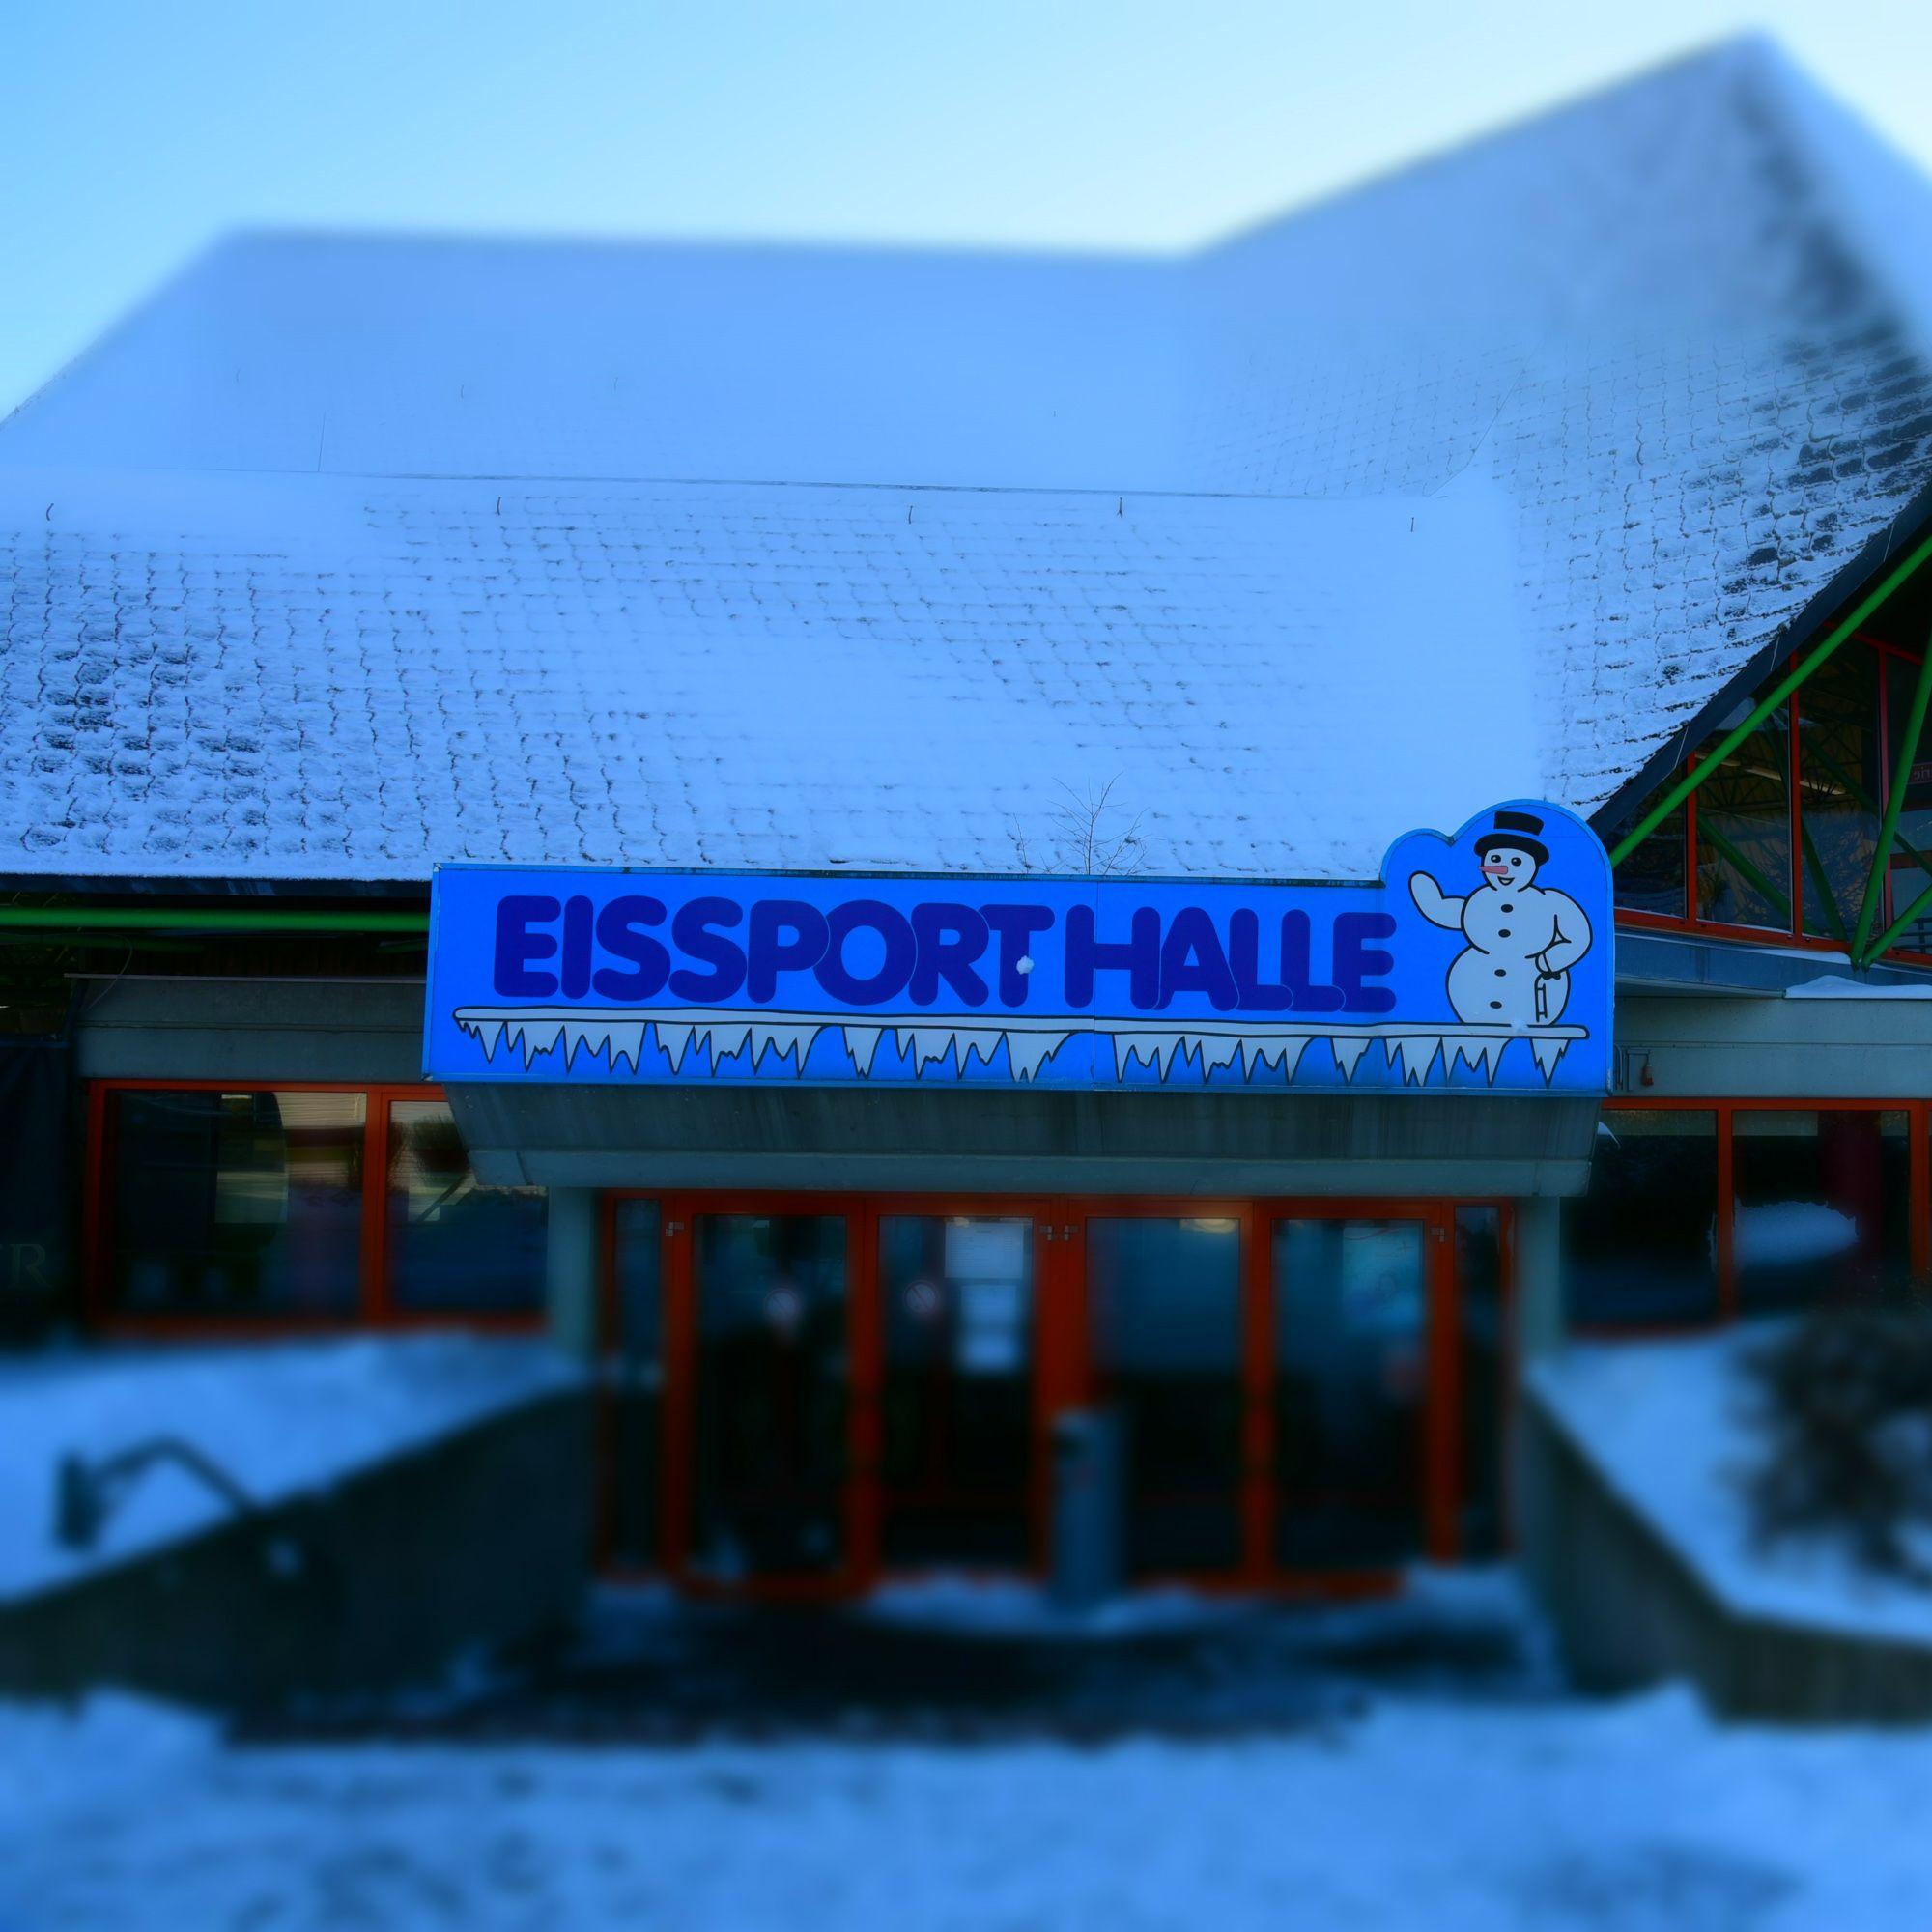 Die Eissporthalle In Willingen Ist Ganzjahrig Geoffnet Schlittschuh Eislauf Eishockey Hockey Eiskunstlauf Foto Y Sit Schlittschuhe Sport Eislaufen